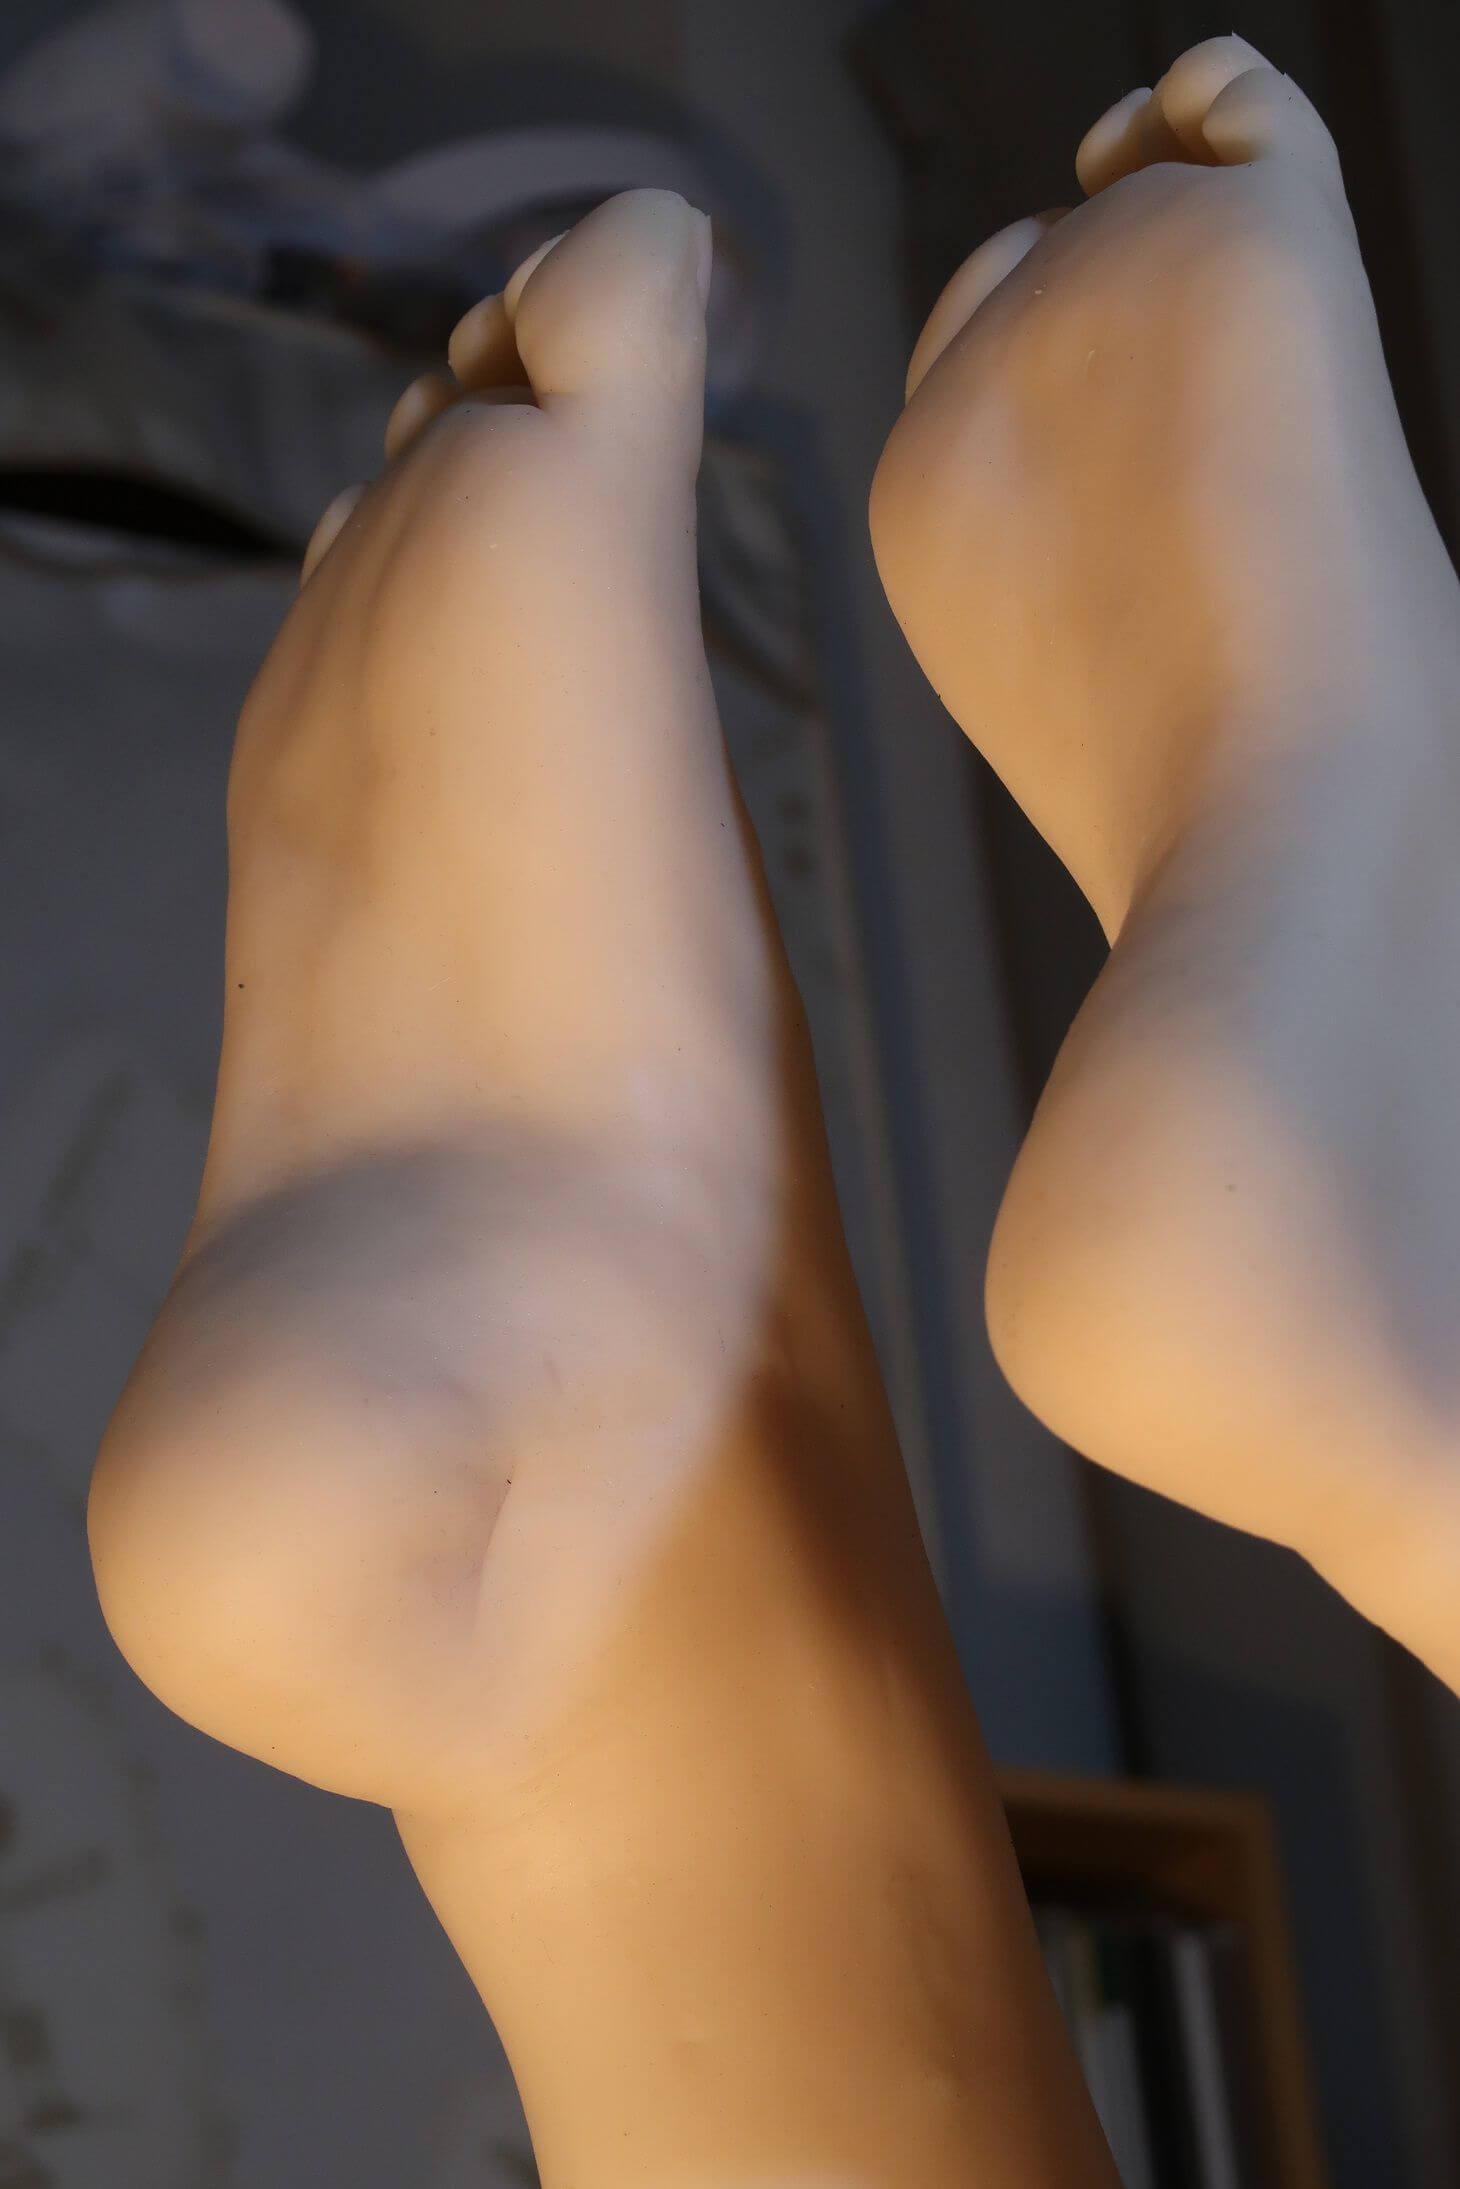 臭くない, 美女の足 【足フェチ】美女の足が好きになっちゃったんだけど、臭くないのがいいです